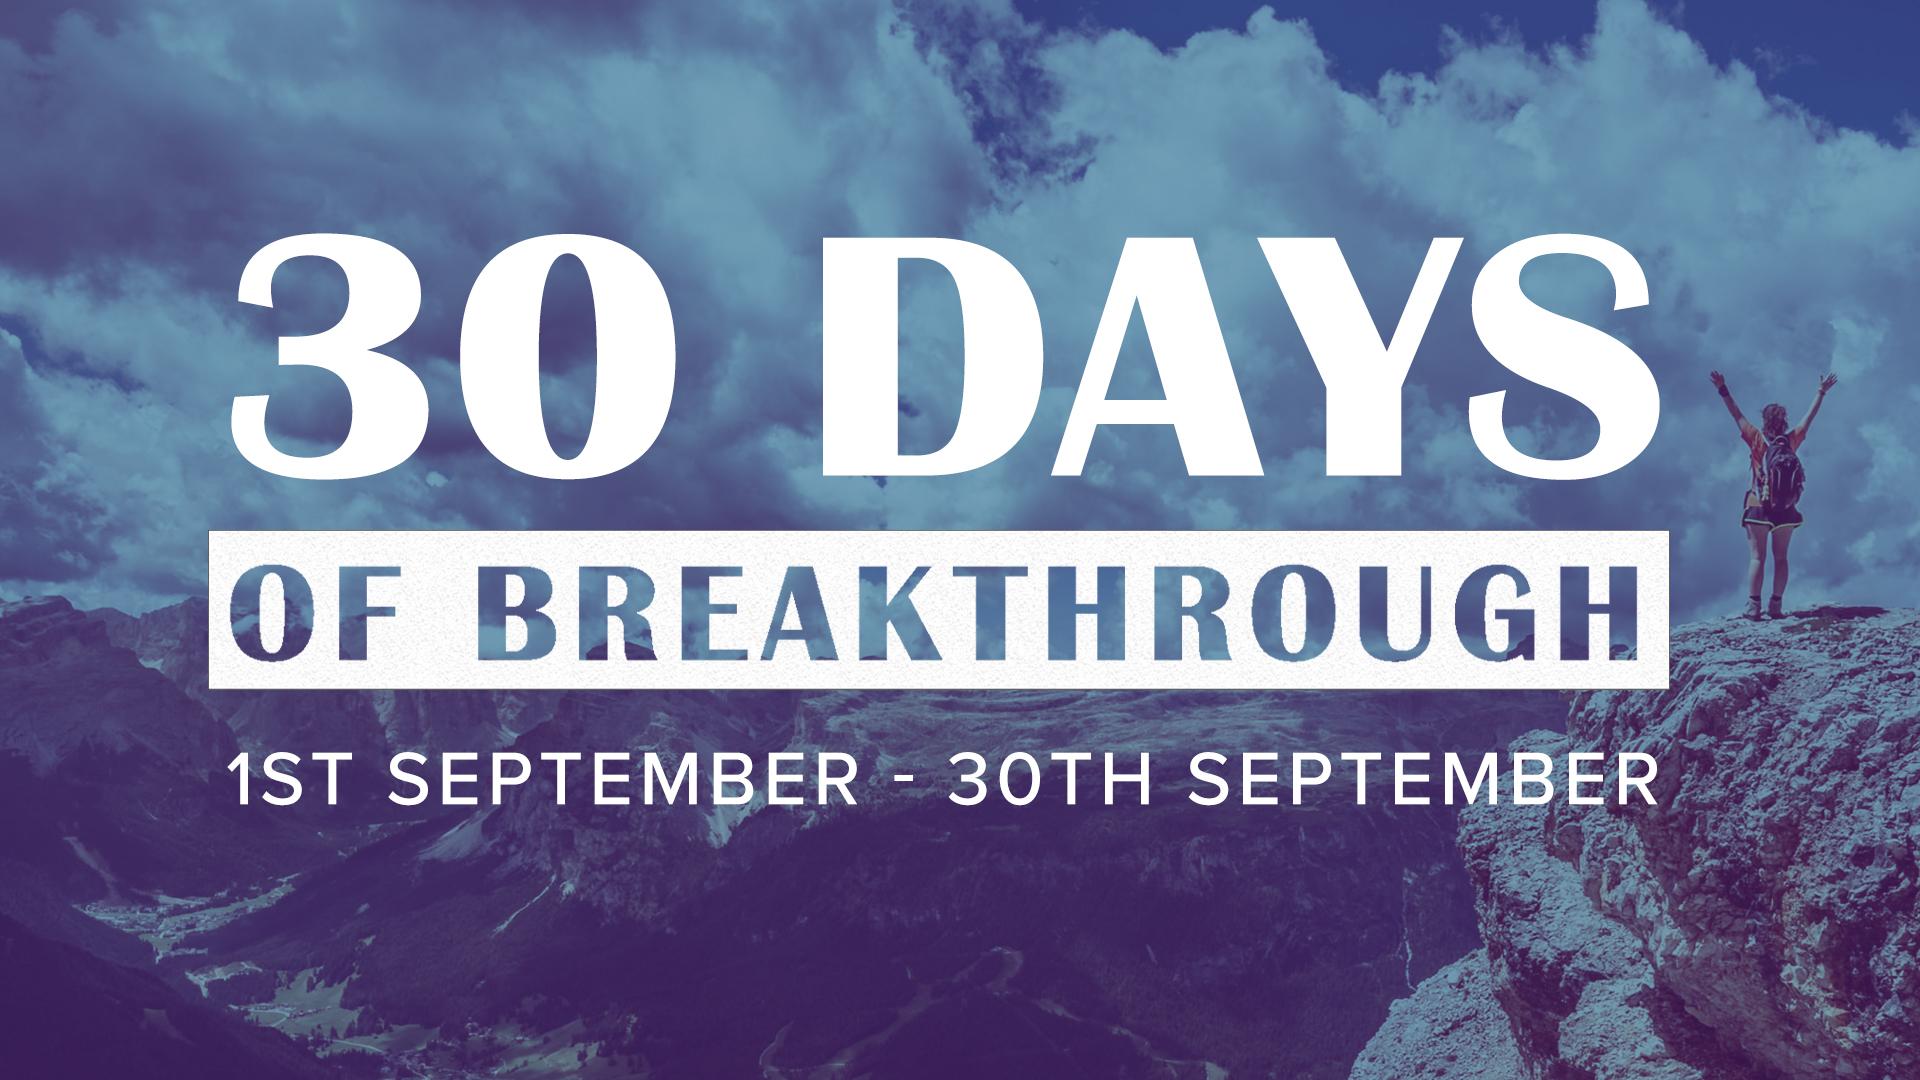 30-days-of-breakthrough-foyer.jpg